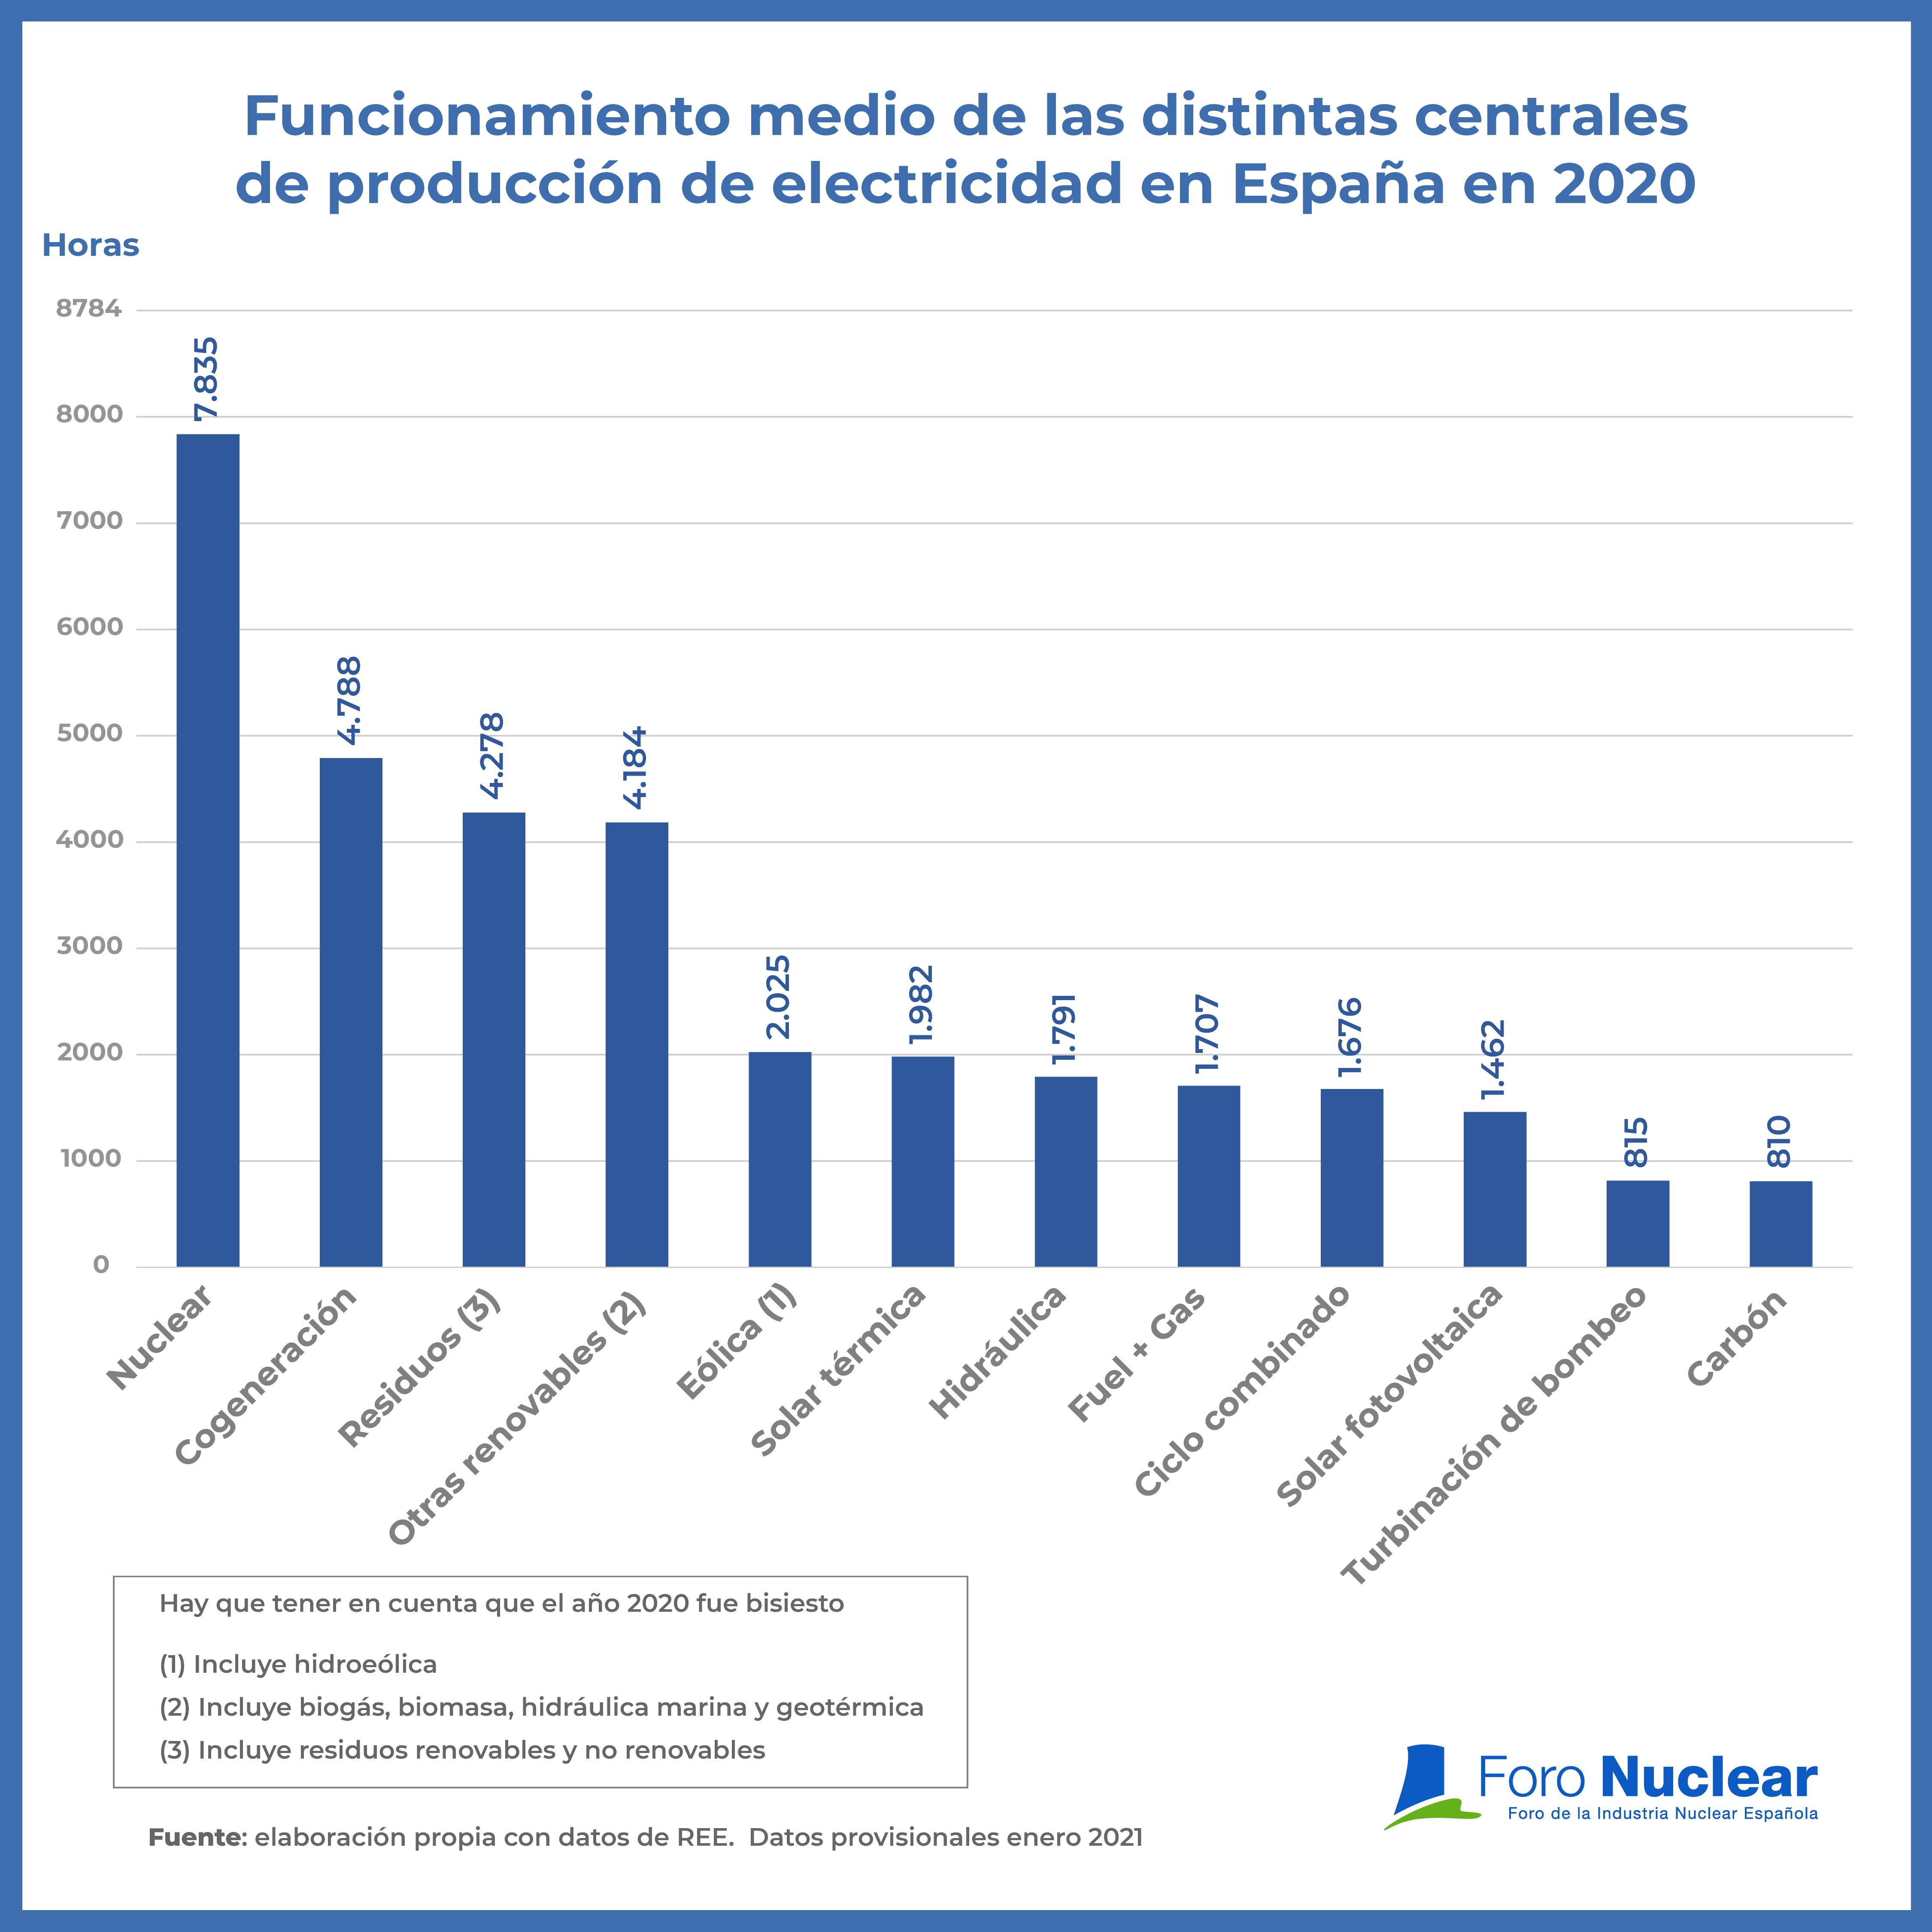 Funcionamiento medio de las distintas centrales de producción de electricidad en España en 2020